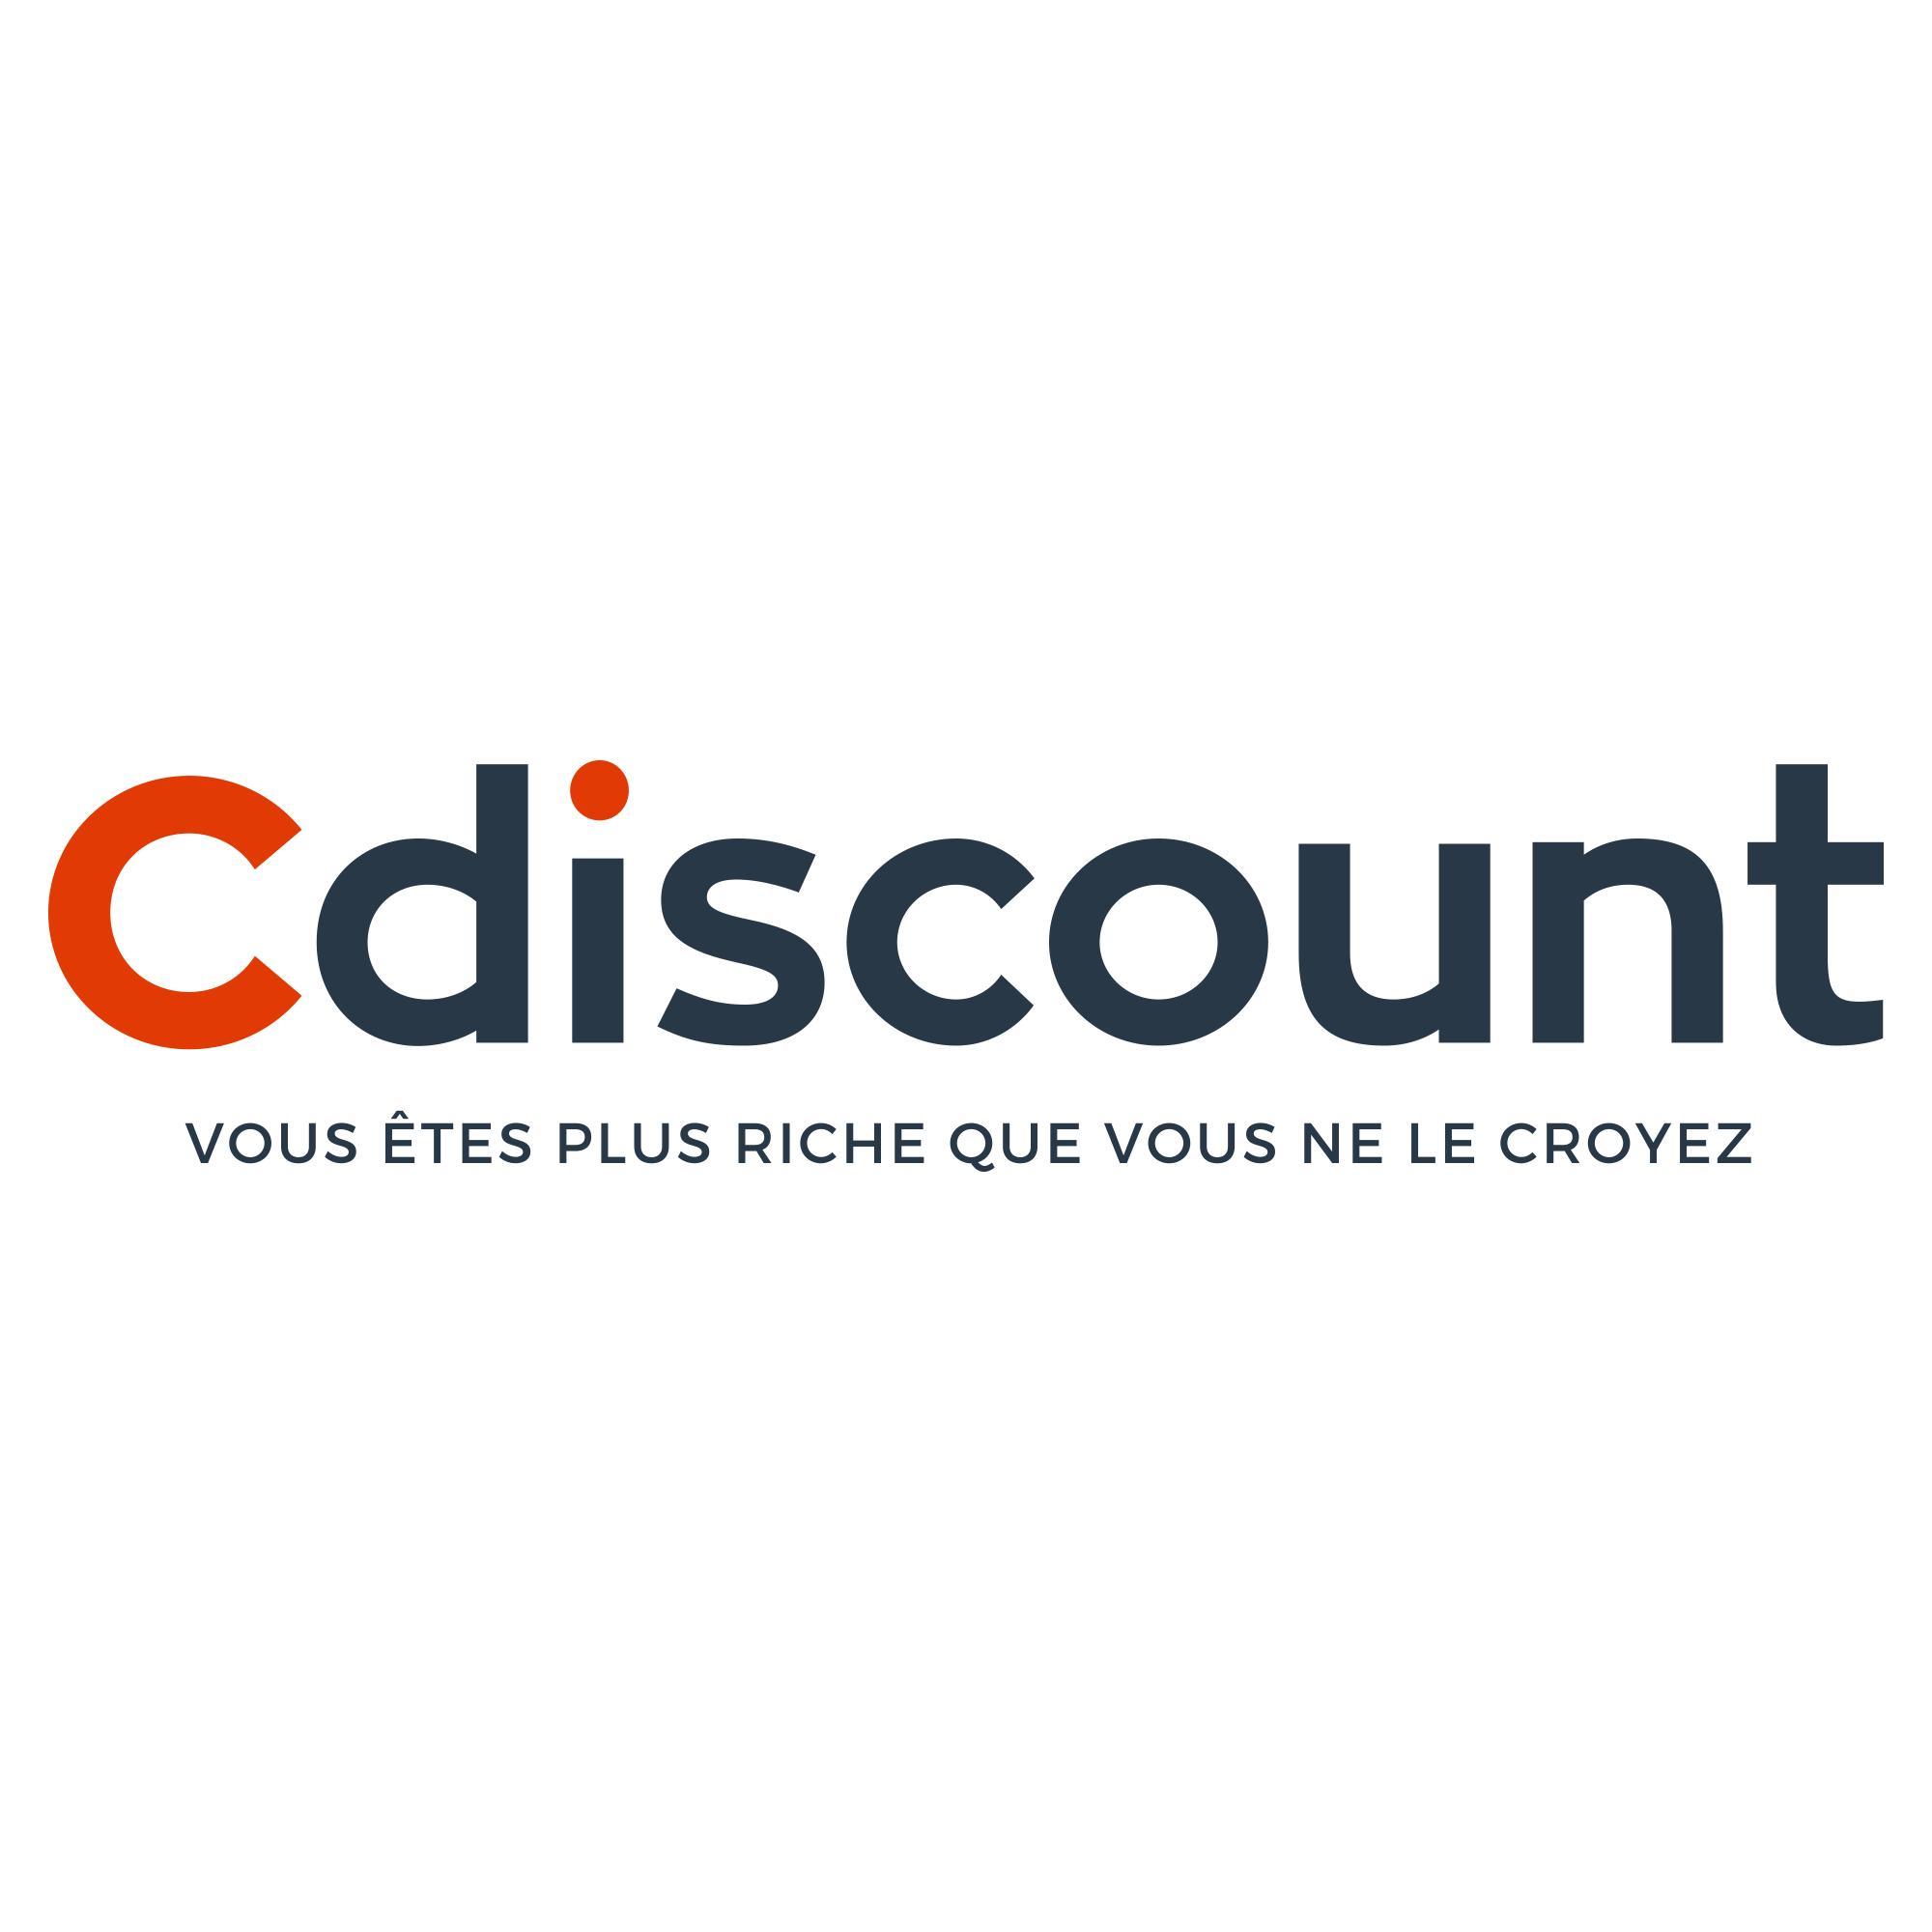 [CDAV] 20% remboursés en un seul bon d'achat sur tout le site, 10% pour les autres  (dans la limite de 300€ en bon d'achat, hors Market Place)